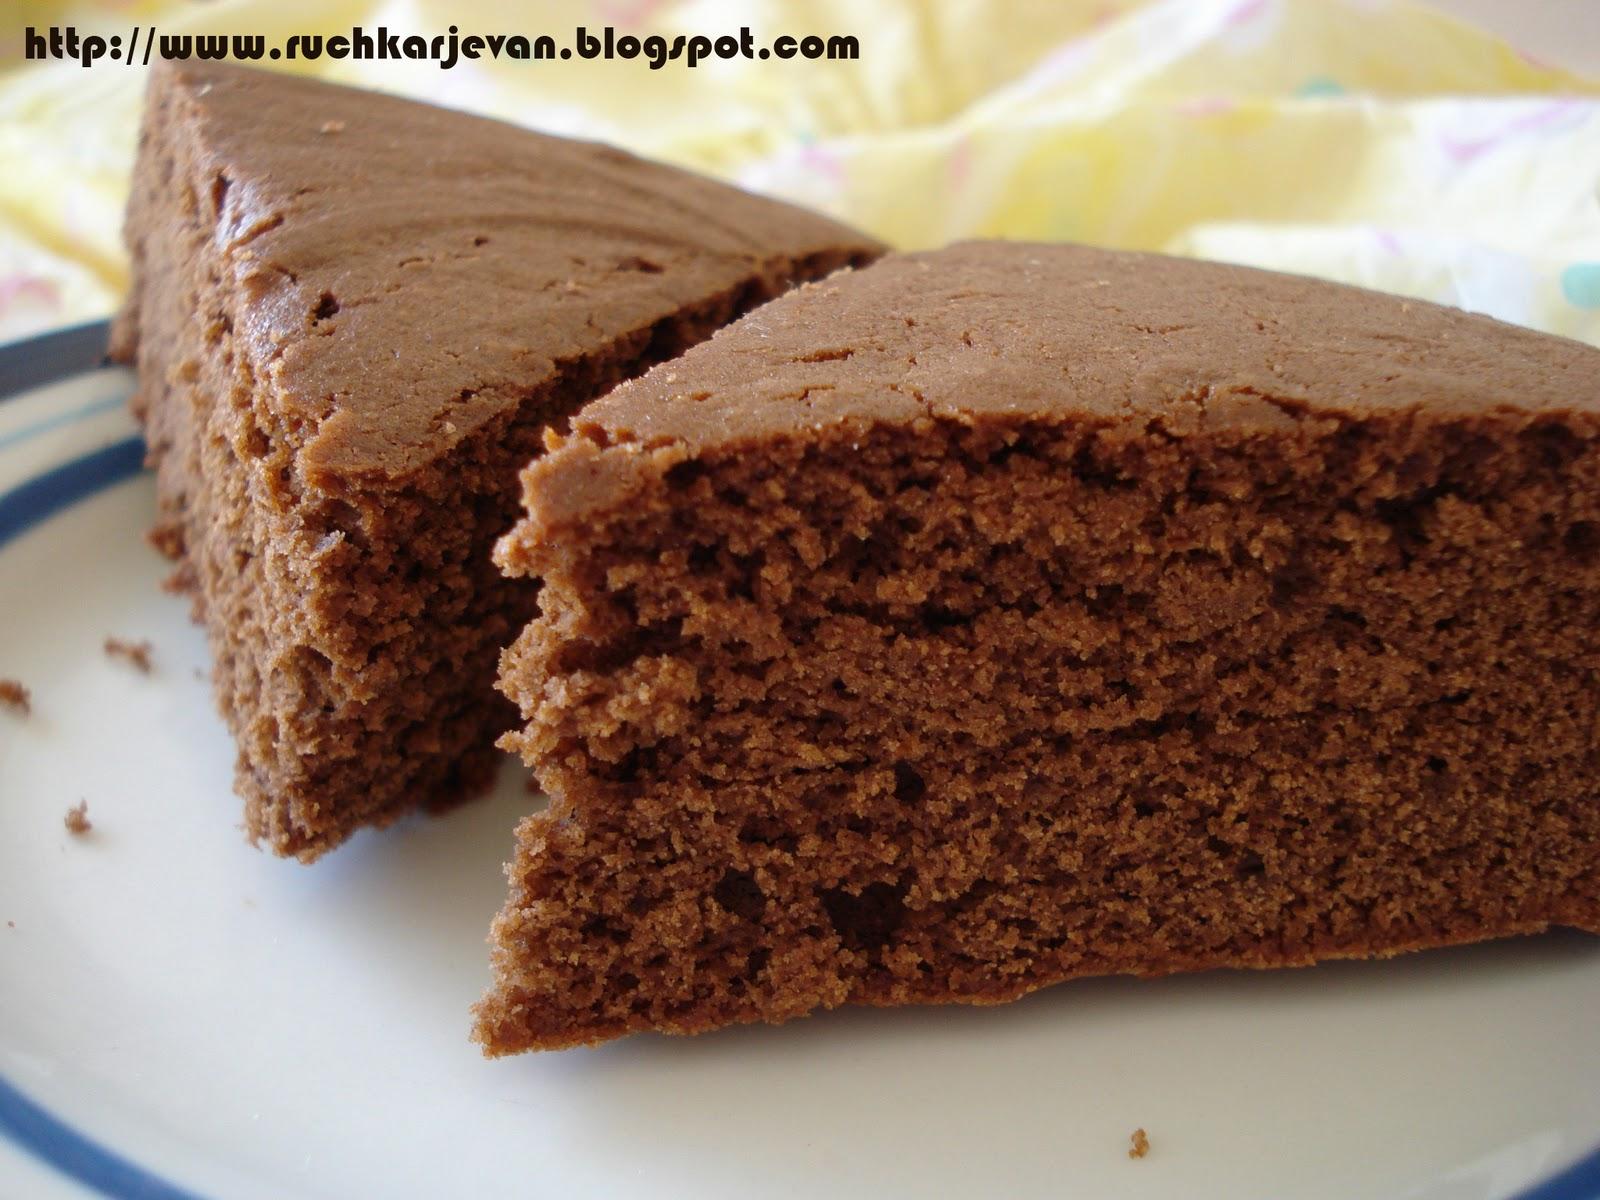 Coco Cake Recipe In Marathi: रुचकर जेवण: चॉकलेट केक- Chocolate Cake